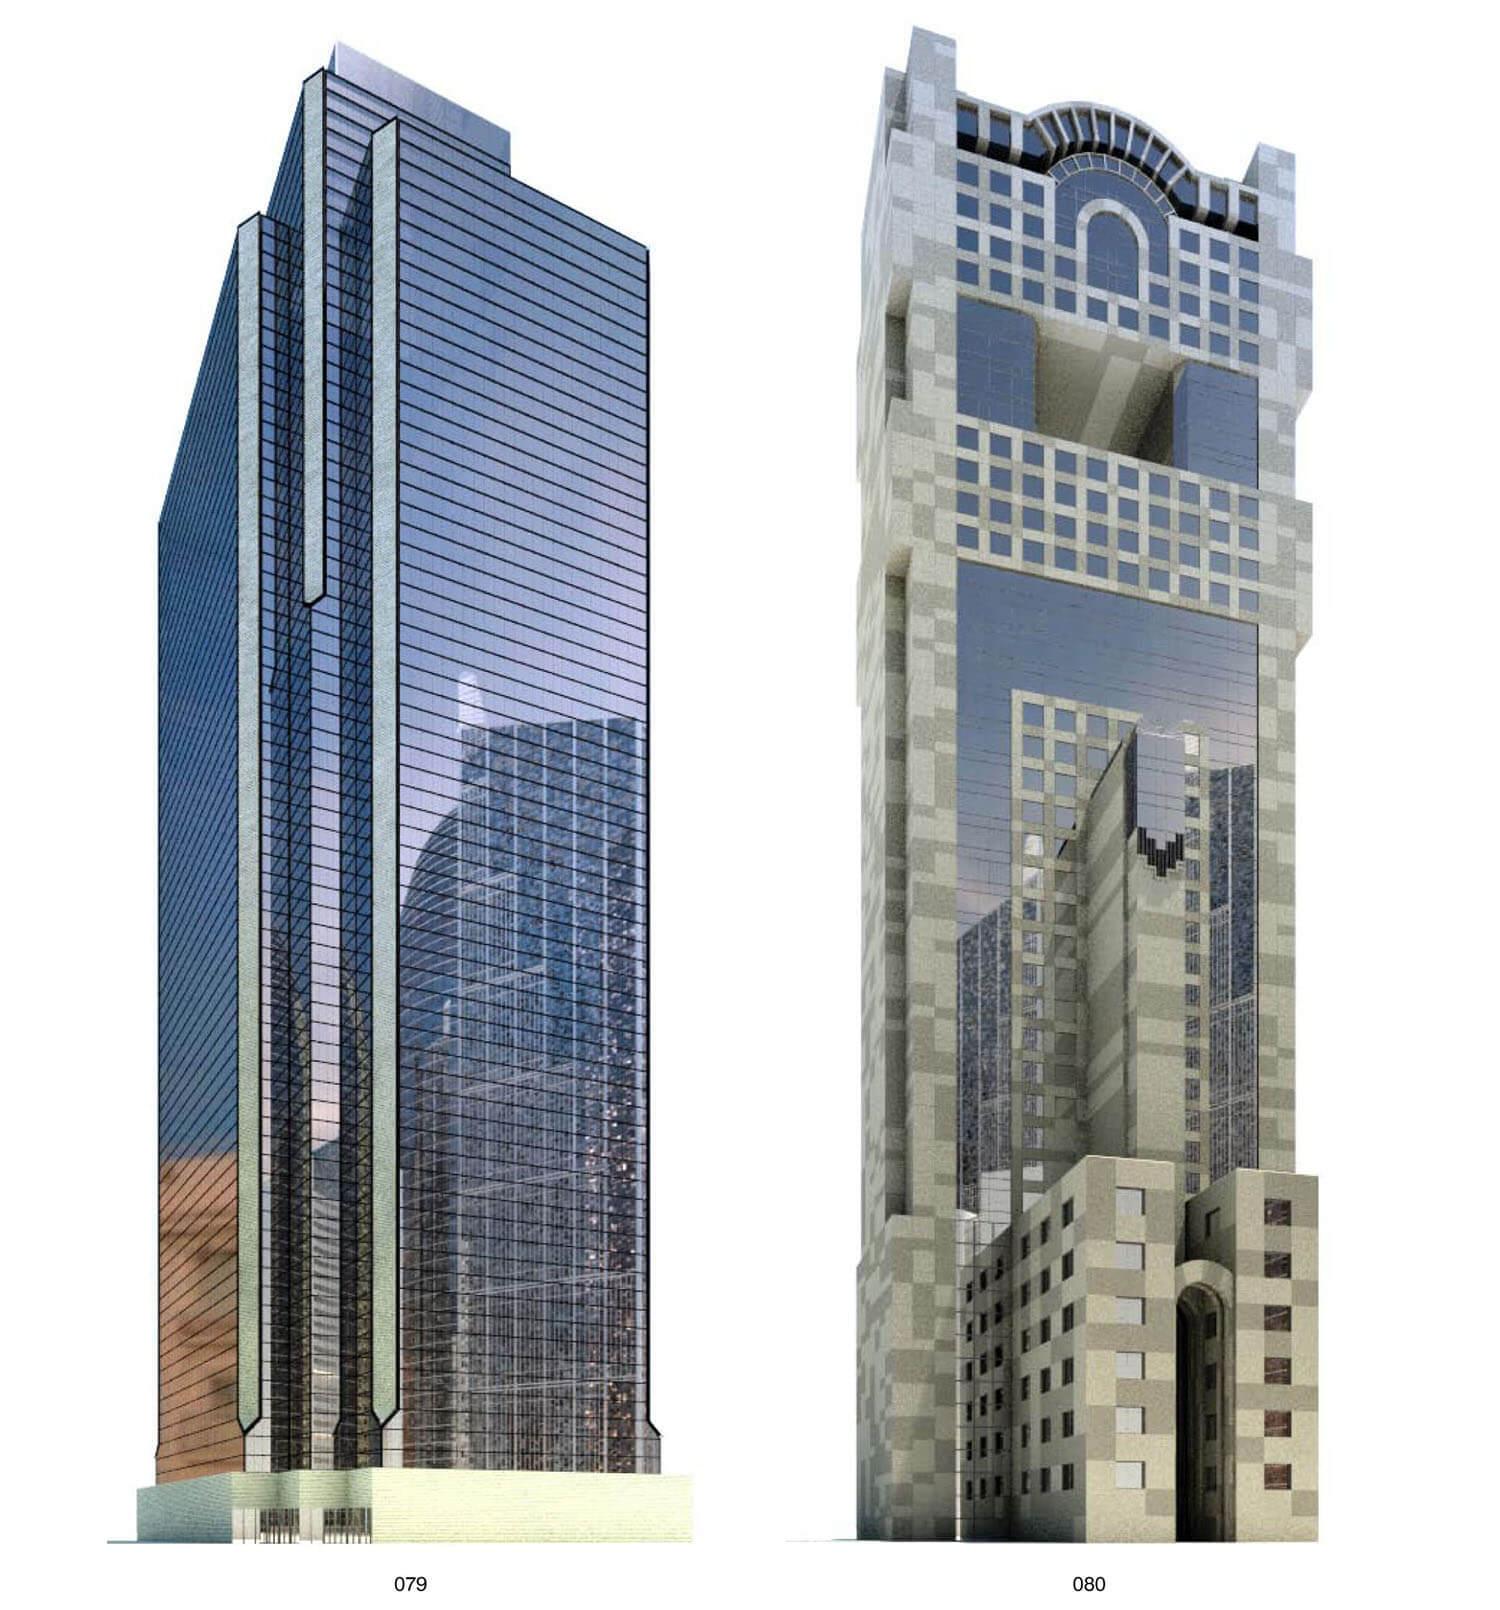 Cao ốc có khuynh hướng hiện đại bên trái và khuynh hướng cổ điển sang trọng bên phải